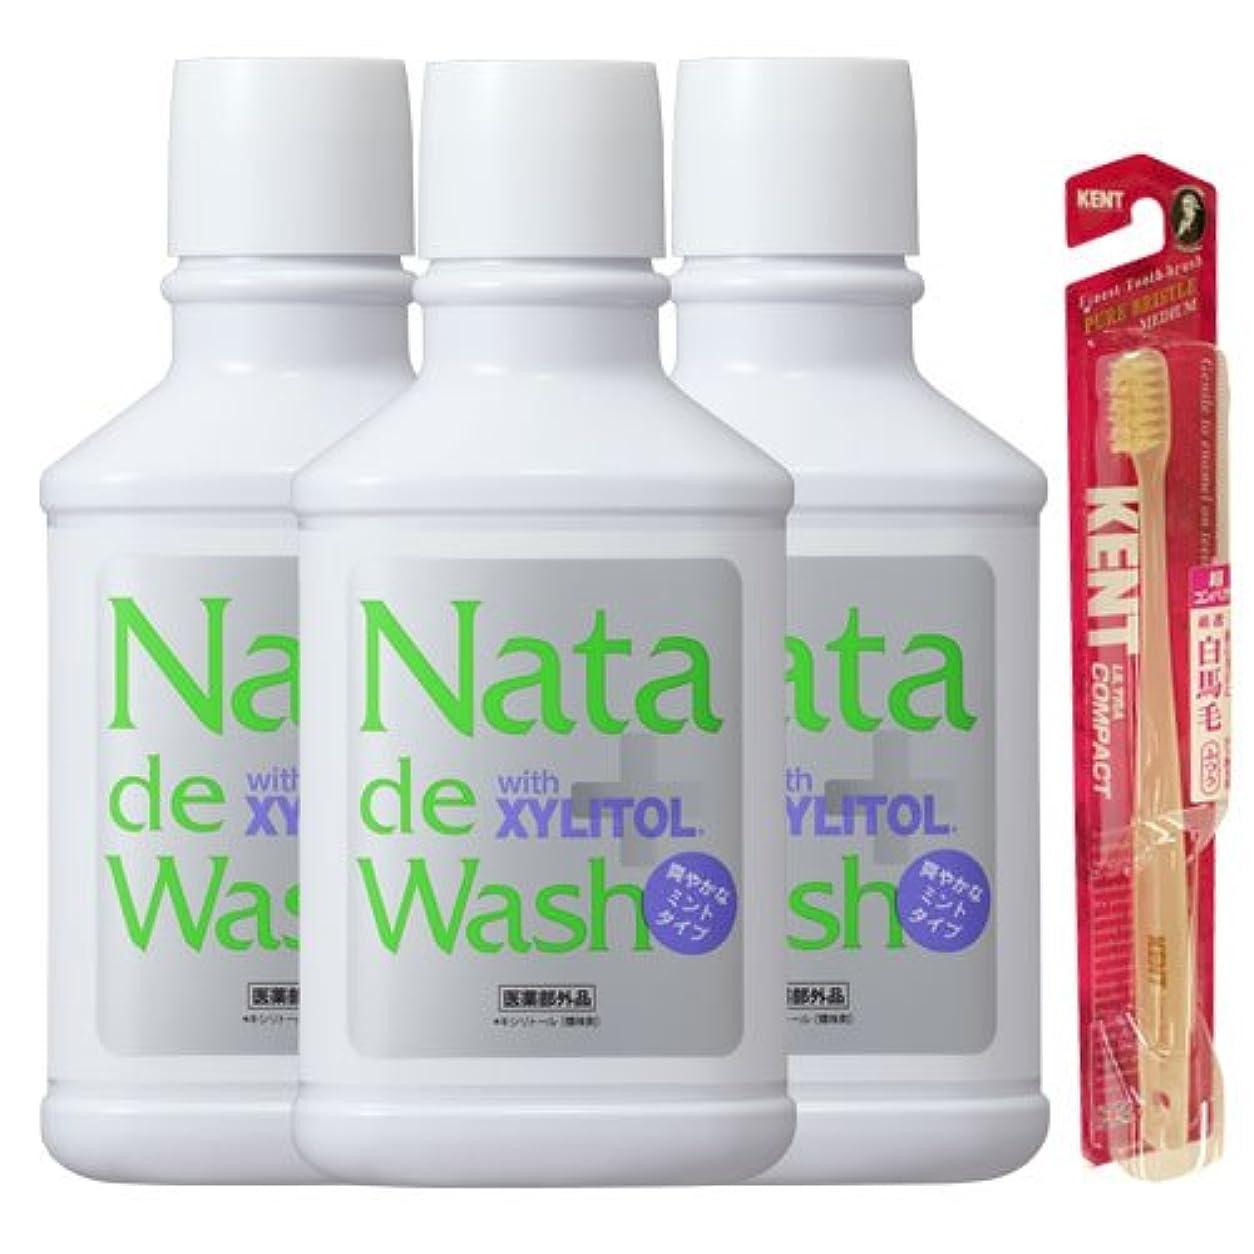 スポット衰えるカウンターパート薬用ナタデウォッシュ 爽やかなミントタイプ 500ml 3本& KENT歯ブラシ1本プレゼント